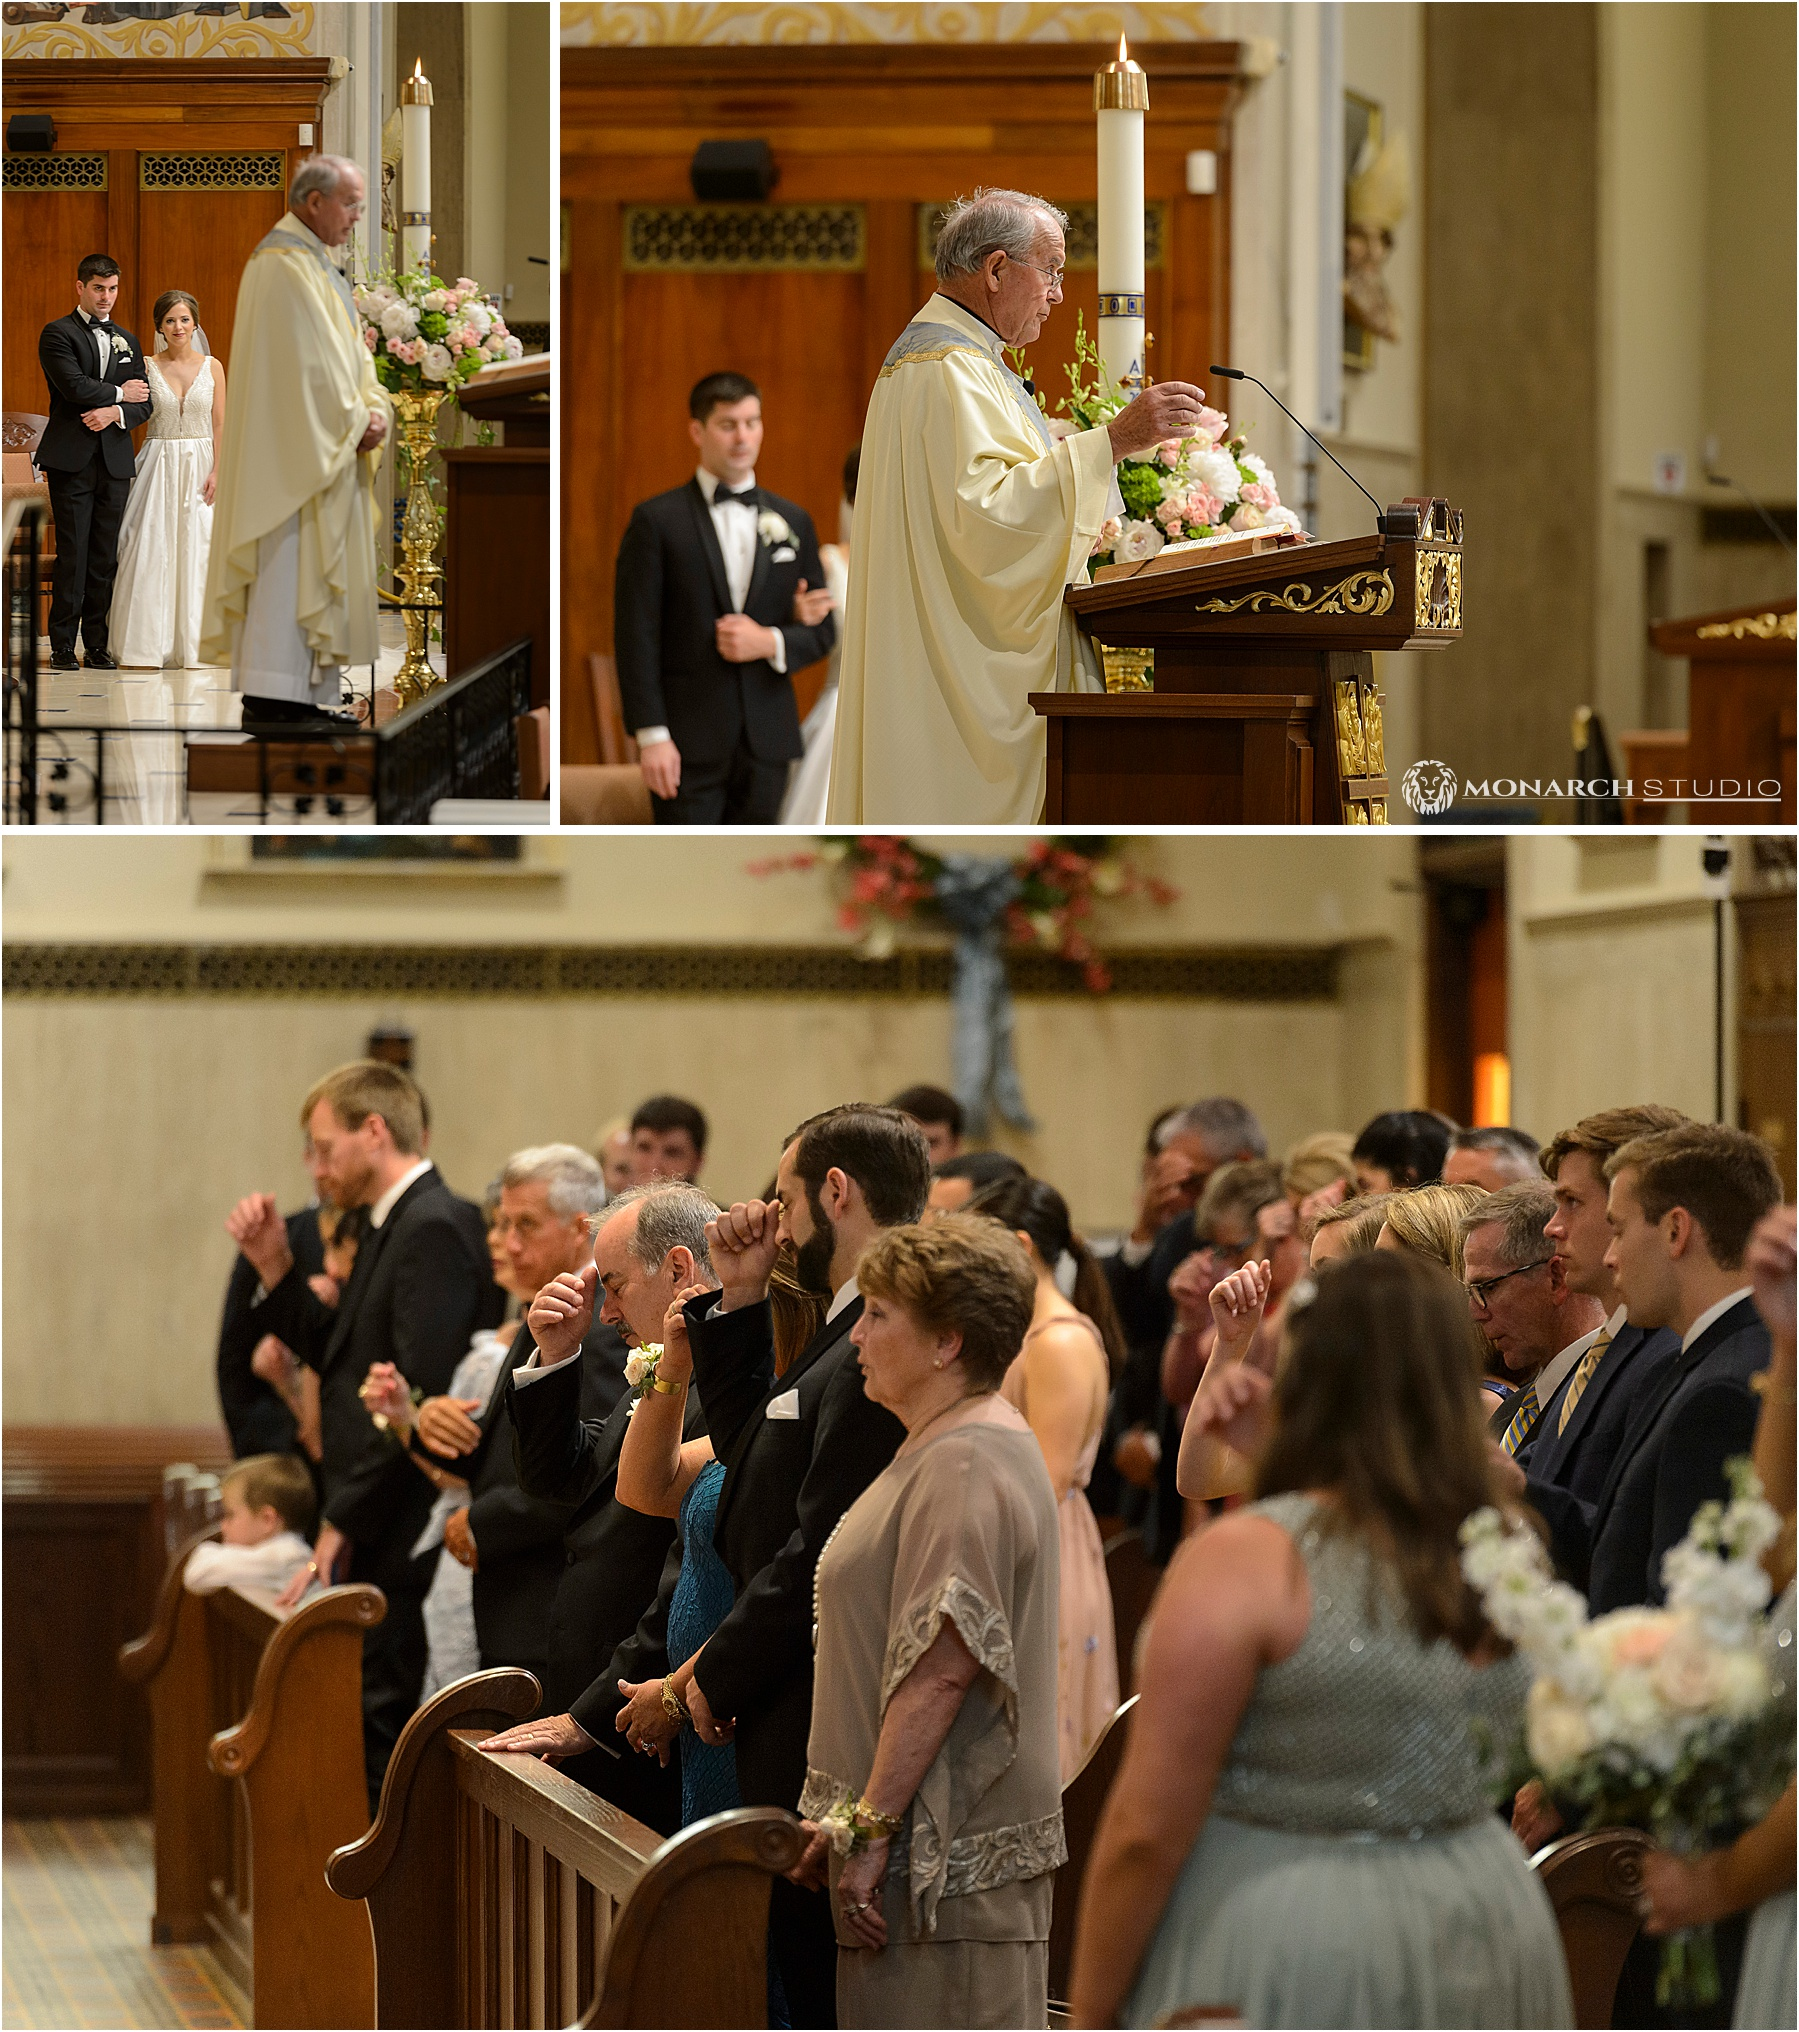 Wedding-PHotographer-in-st-augustine-2019-032.jpg